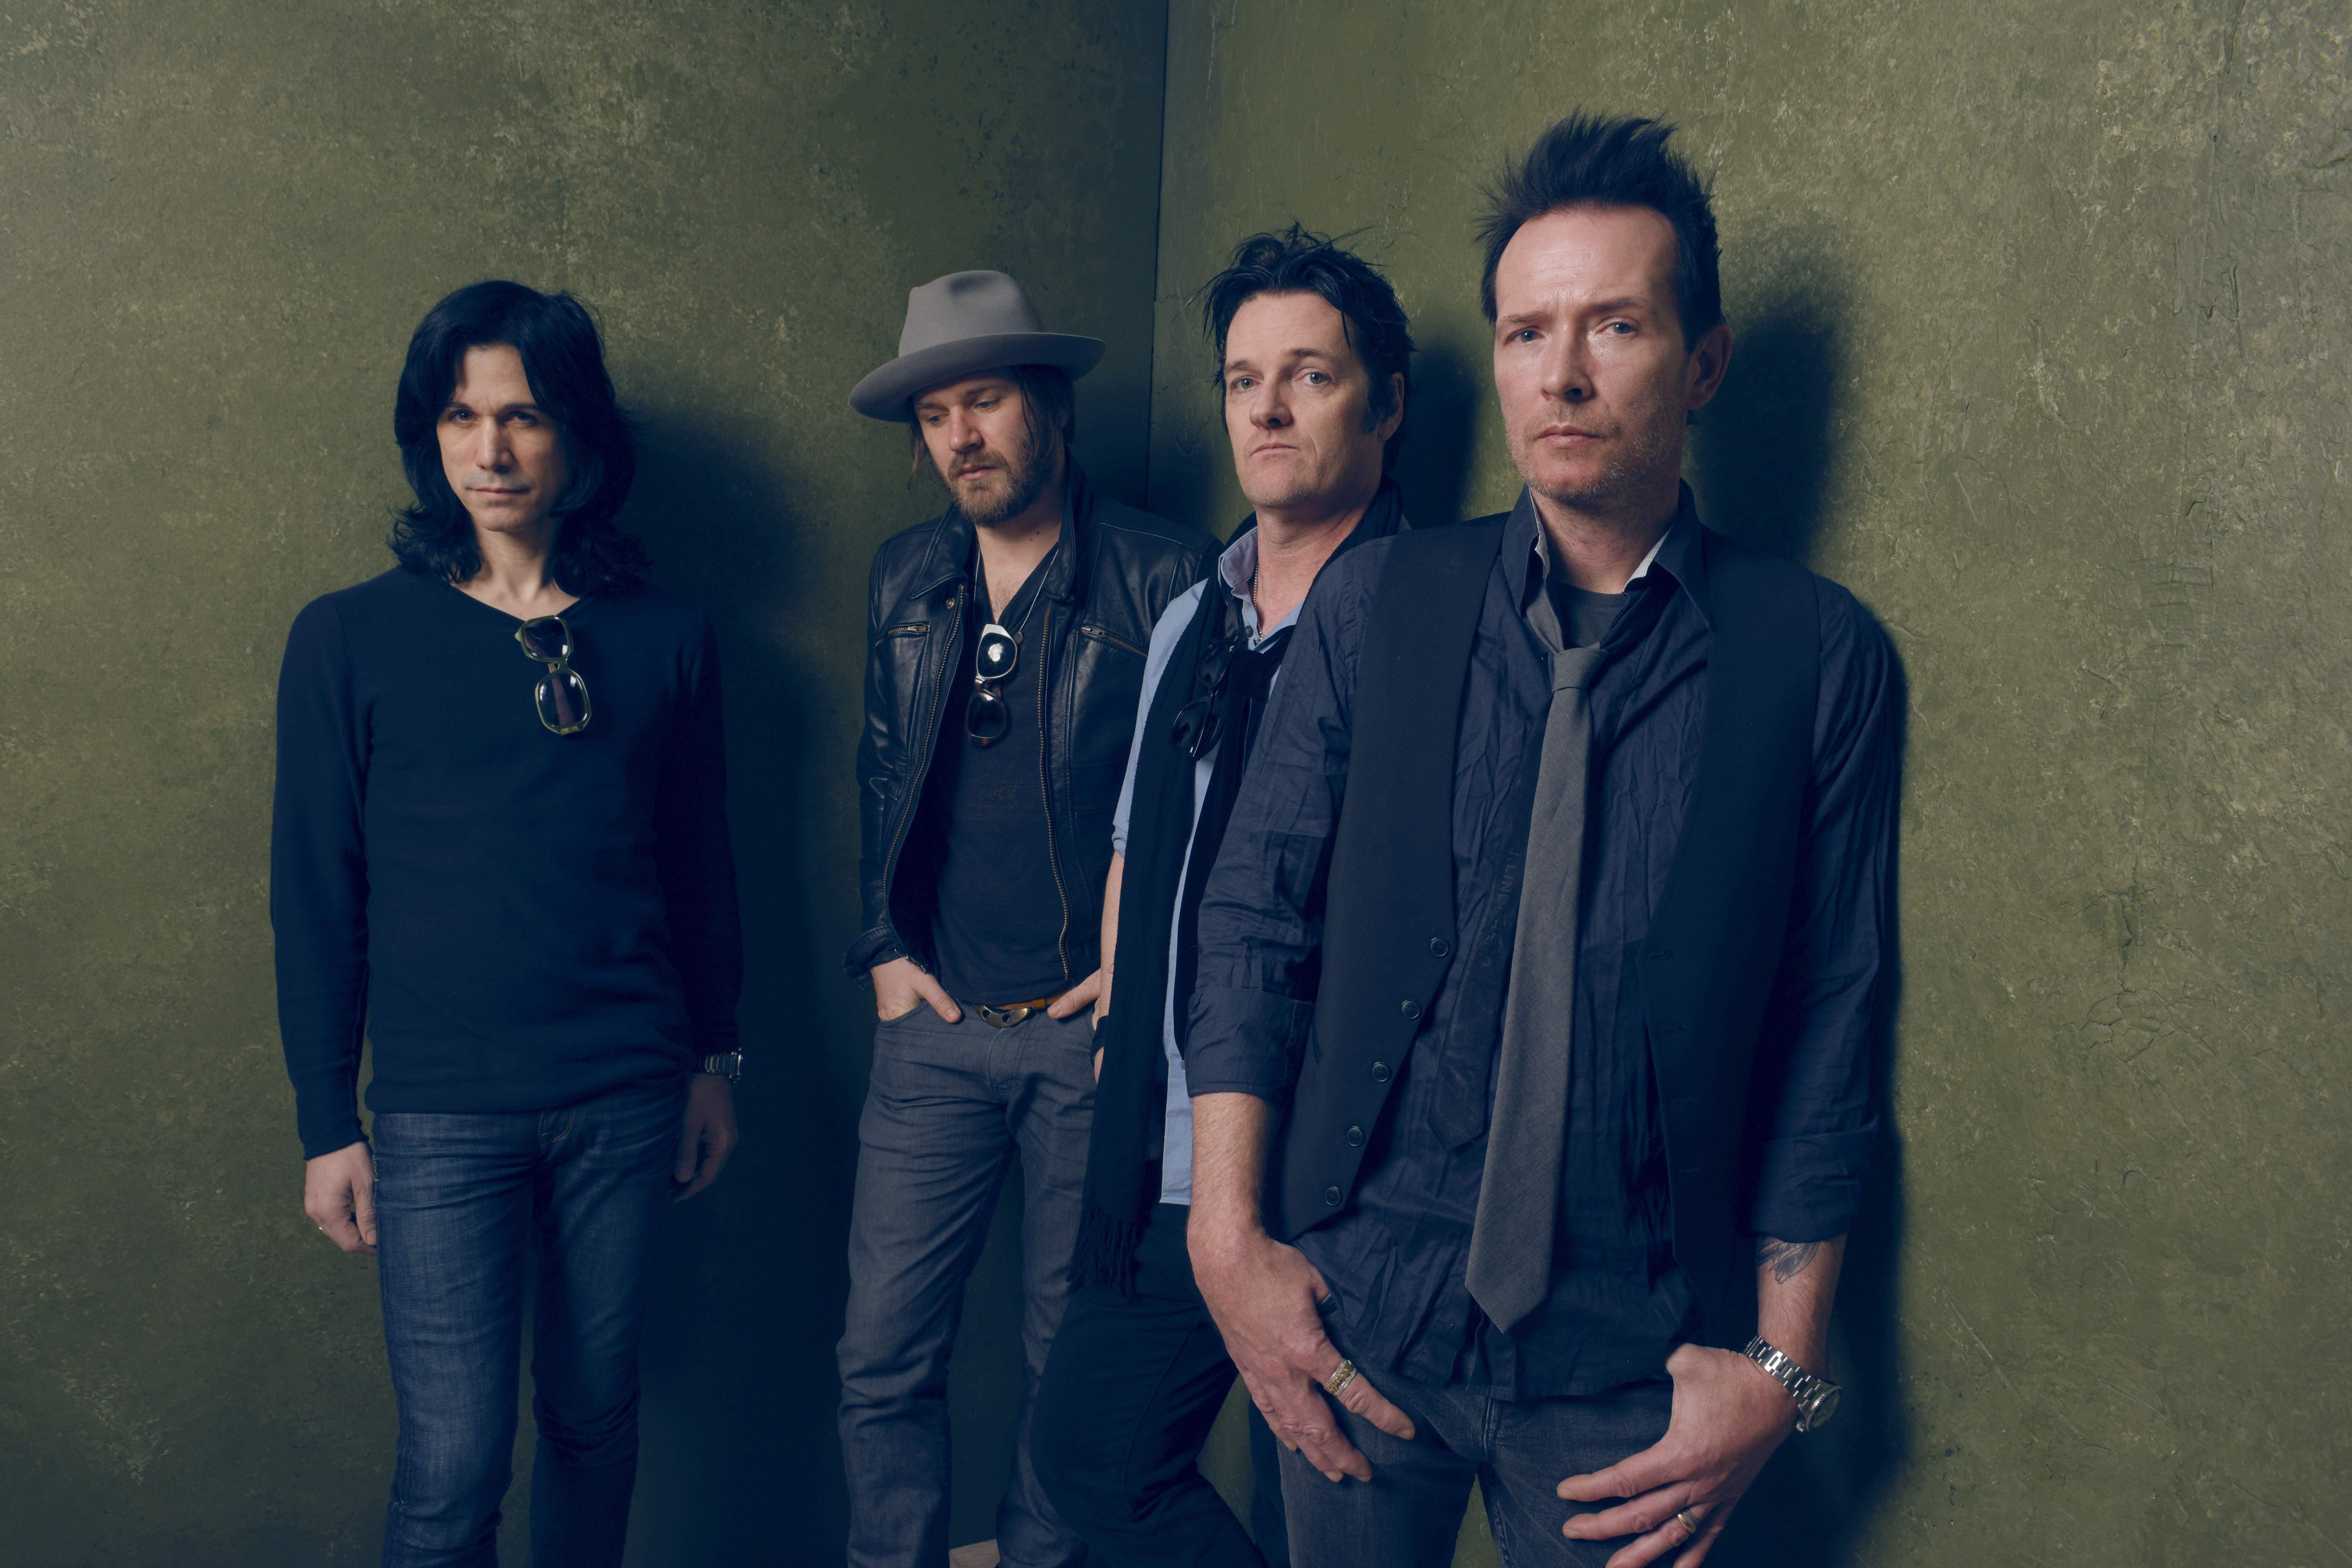 Músicos Tommy Black, Jeremy Brown, Danny Thompson y Scott Weiland. (Getty)